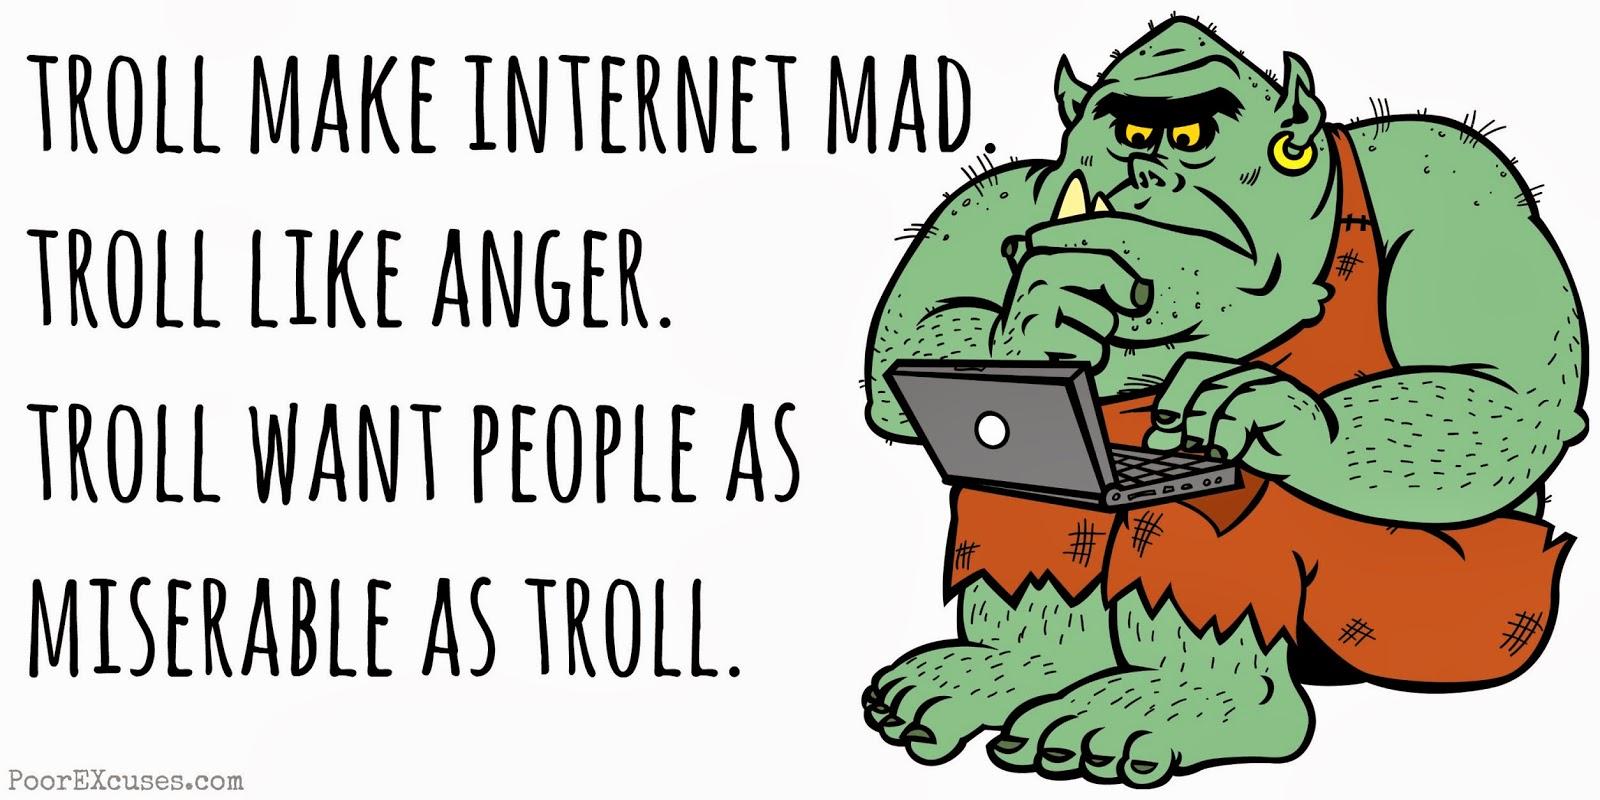 internet-troll-1.jpg